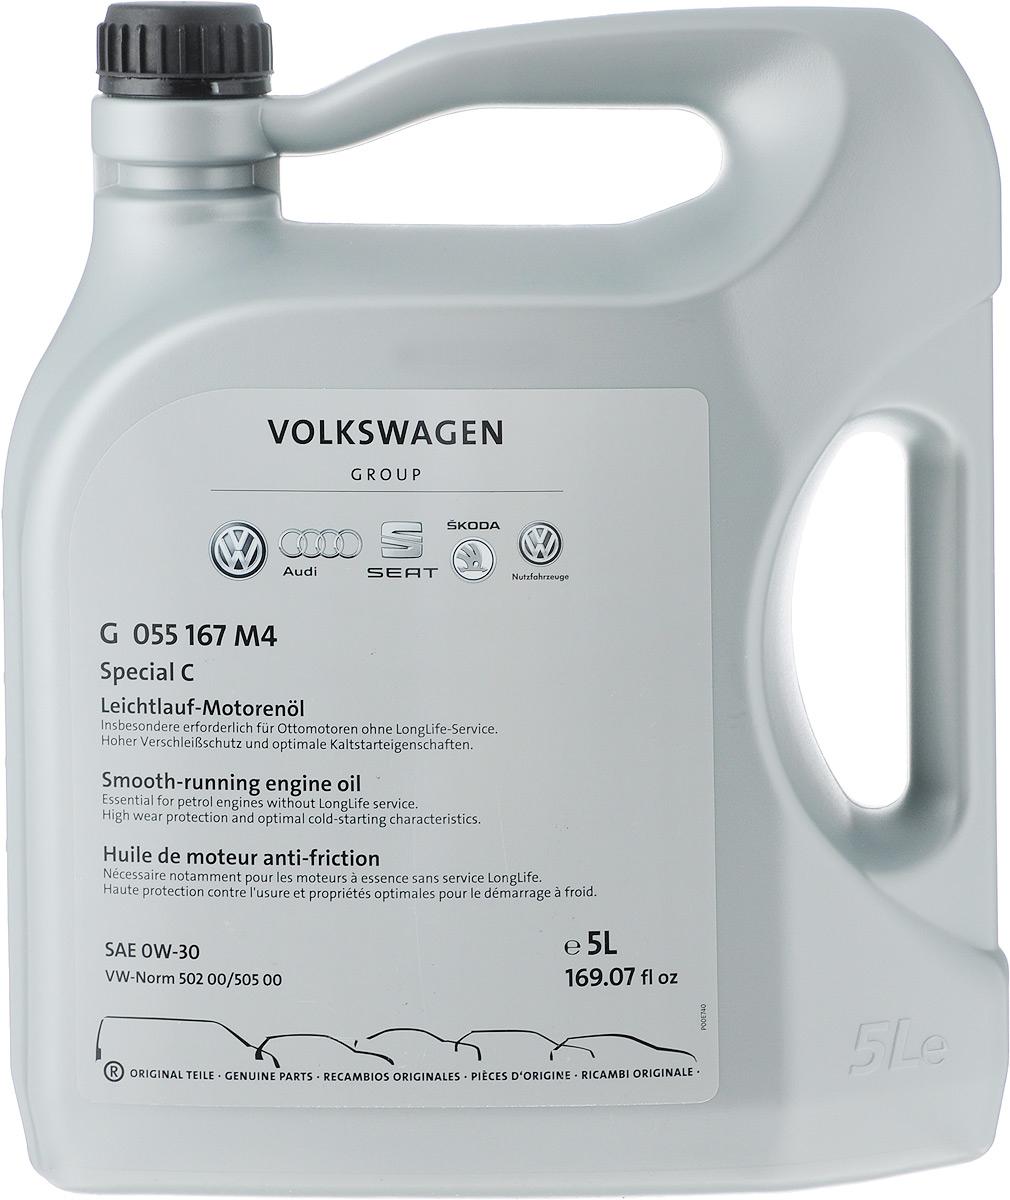 Моторное масло VAG Special C, класс вязкости 0W-30, 5 лG055167M4Масло оригинальное VAG Special C 0W30 рекомендовано заводом Фольксваген с 2014 года для двигателей TSI объемом 1.8 и 2.0 л, в том числе вместо LongLife 3 VW 504/507. Межсервисный интервал замены не более 10000 км, в отличие от масла G052195M4 ( интервал замены 15000 км). Обеспечивает низкотемпературный пуск двигателя при температурах до минус 40 градусов, повышенную стойкость к шлакообразованию и загрязнению, значительно меньше угорает в процессе эксплуатации из-за уменьшения испаряемости. Допуски OEM: VW 505 00; VW 502 00.Товар сертифицирован.